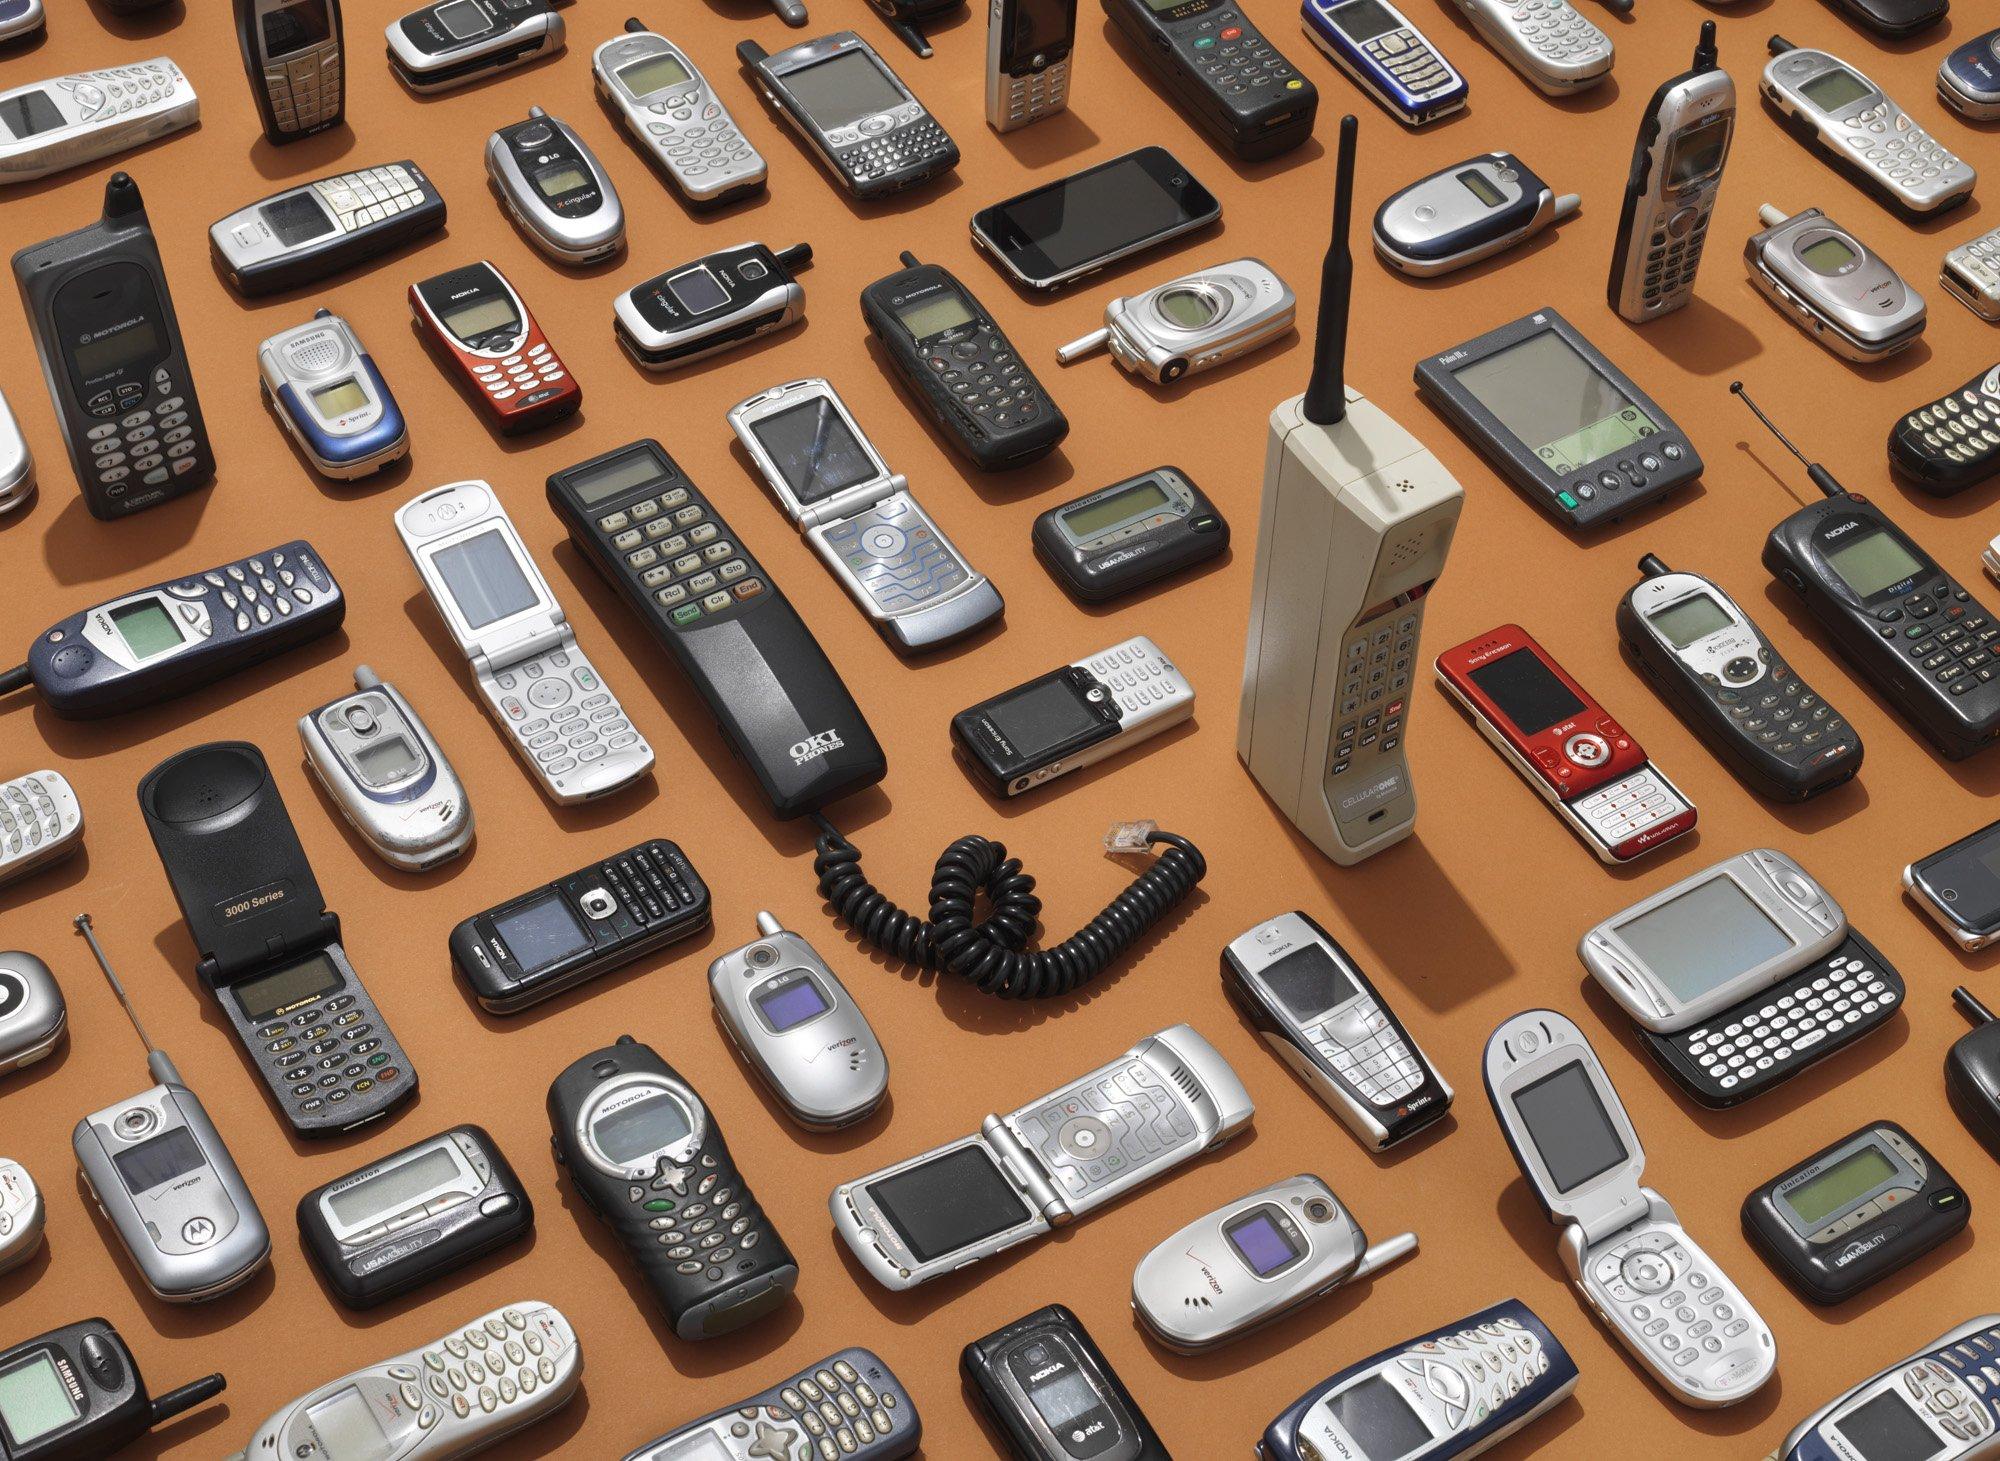 Картинка для продажи телефонов и вещей